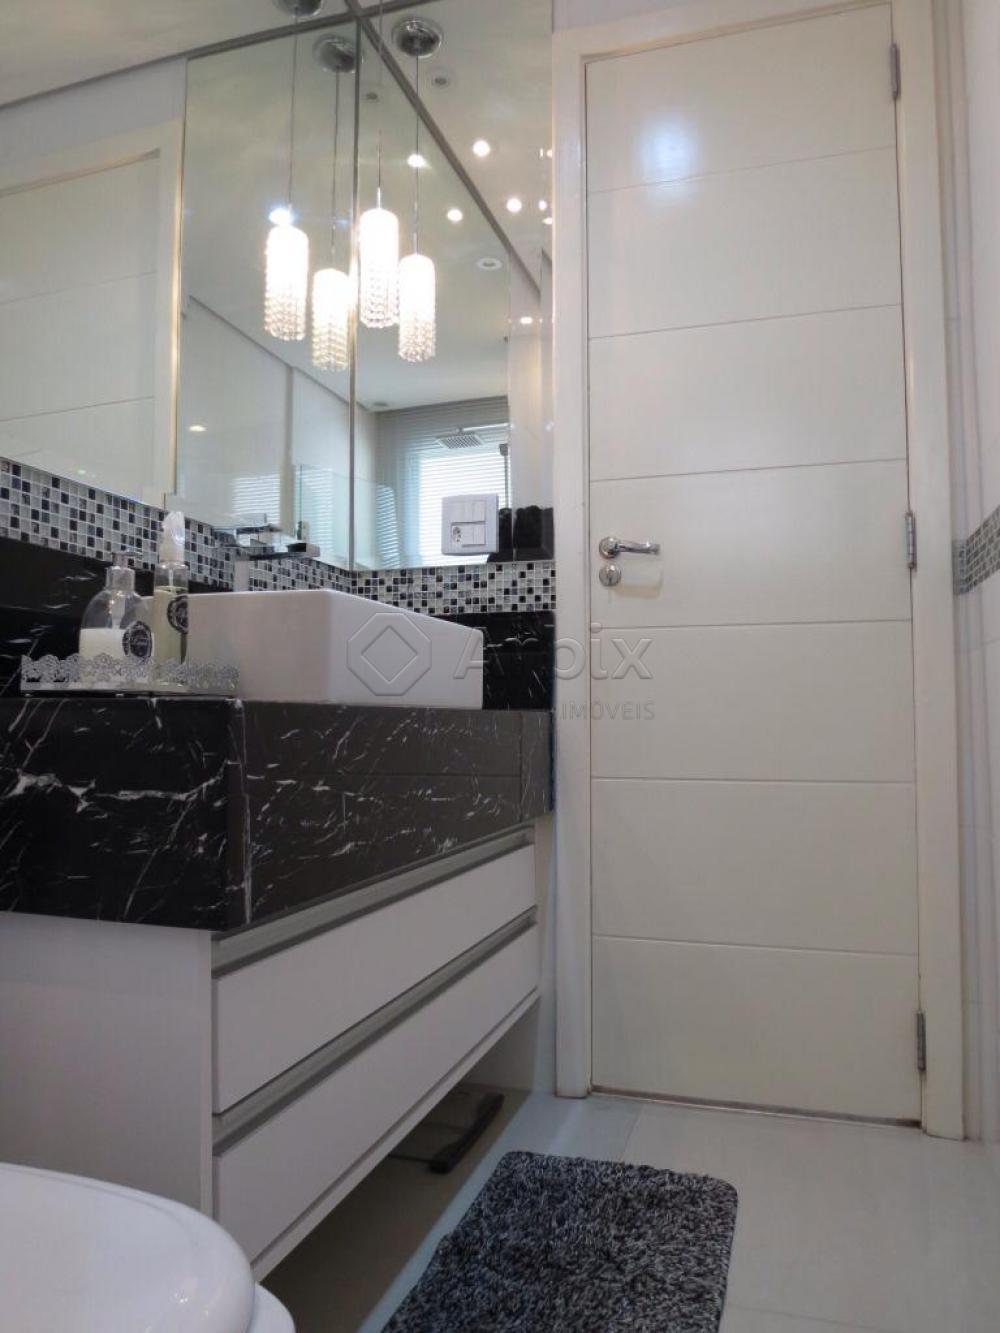 Comprar Apartamento / Padrão em Americana apenas R$ 600.000,00 - Foto 2